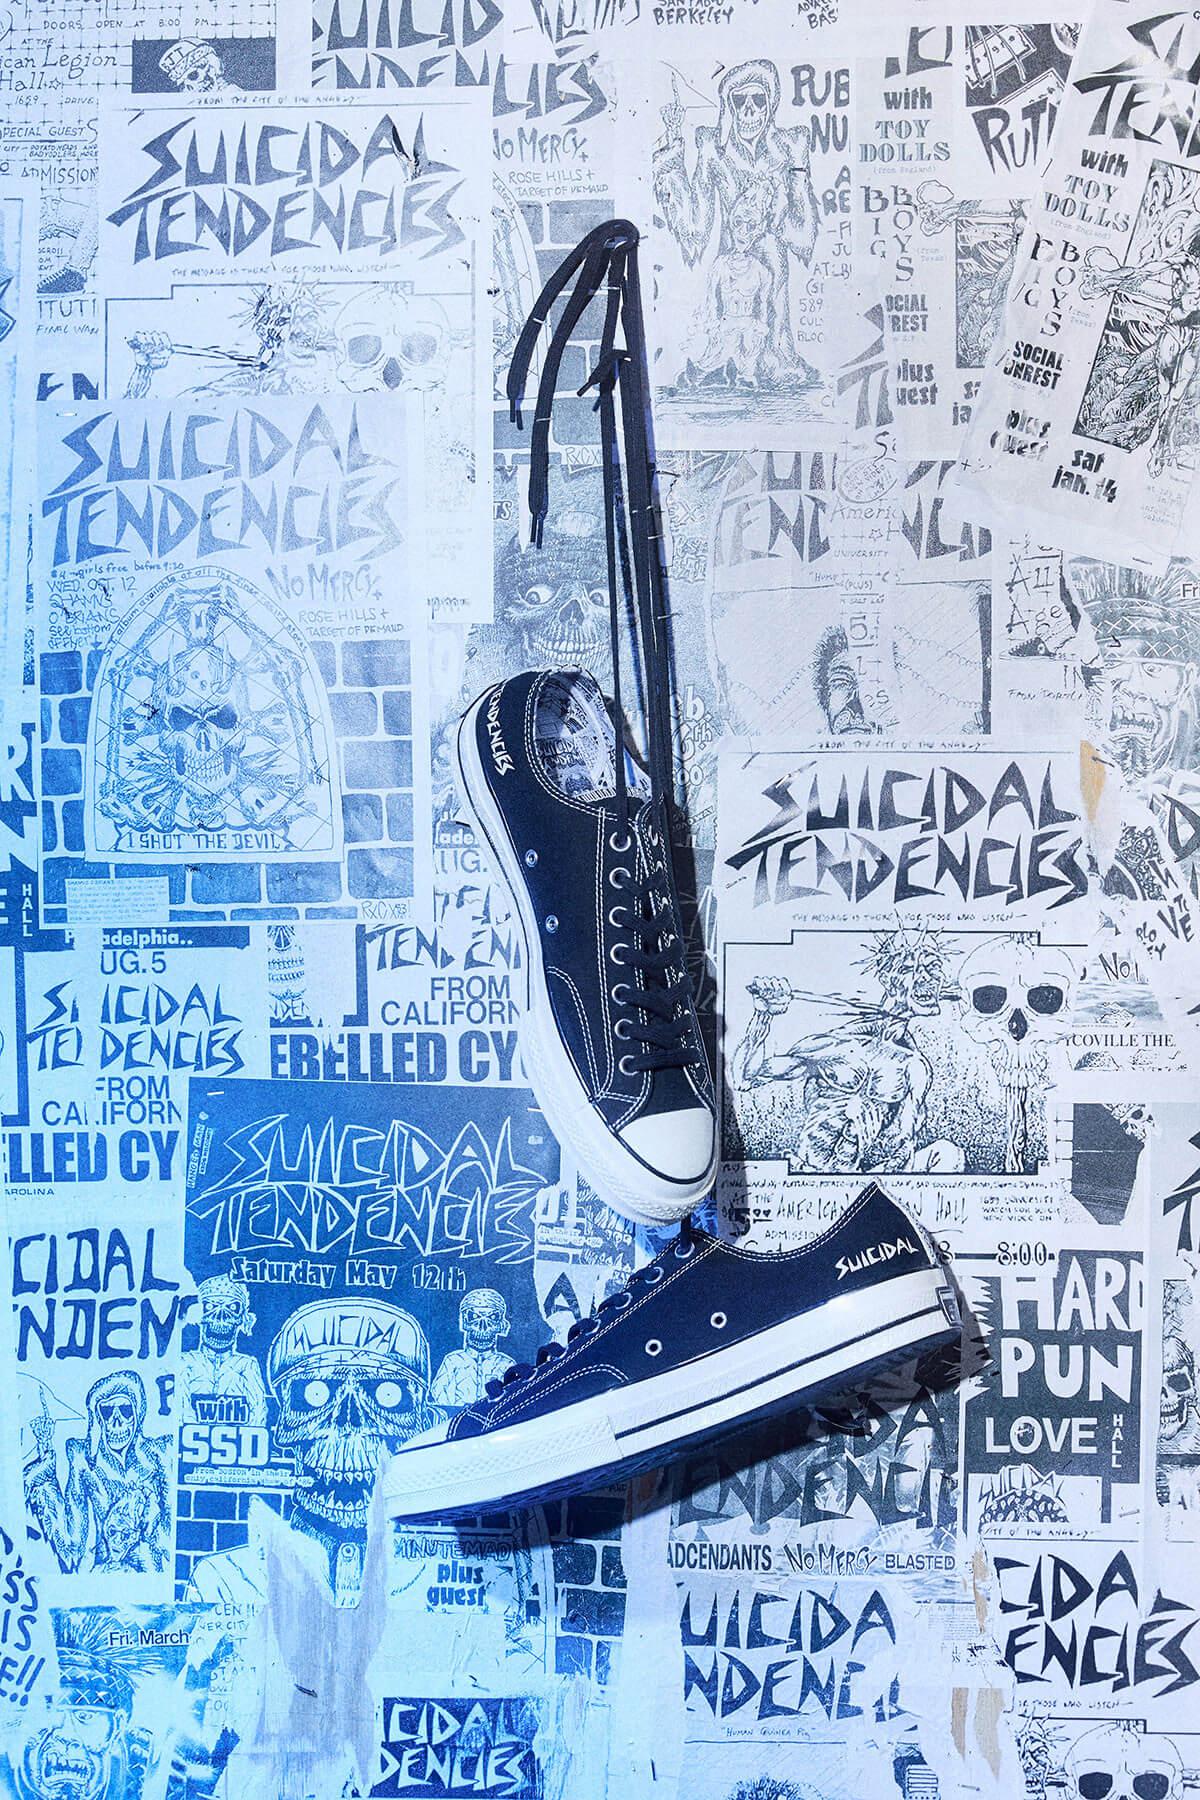 Suicidal tendencies x Converse. Fotografía: Converse